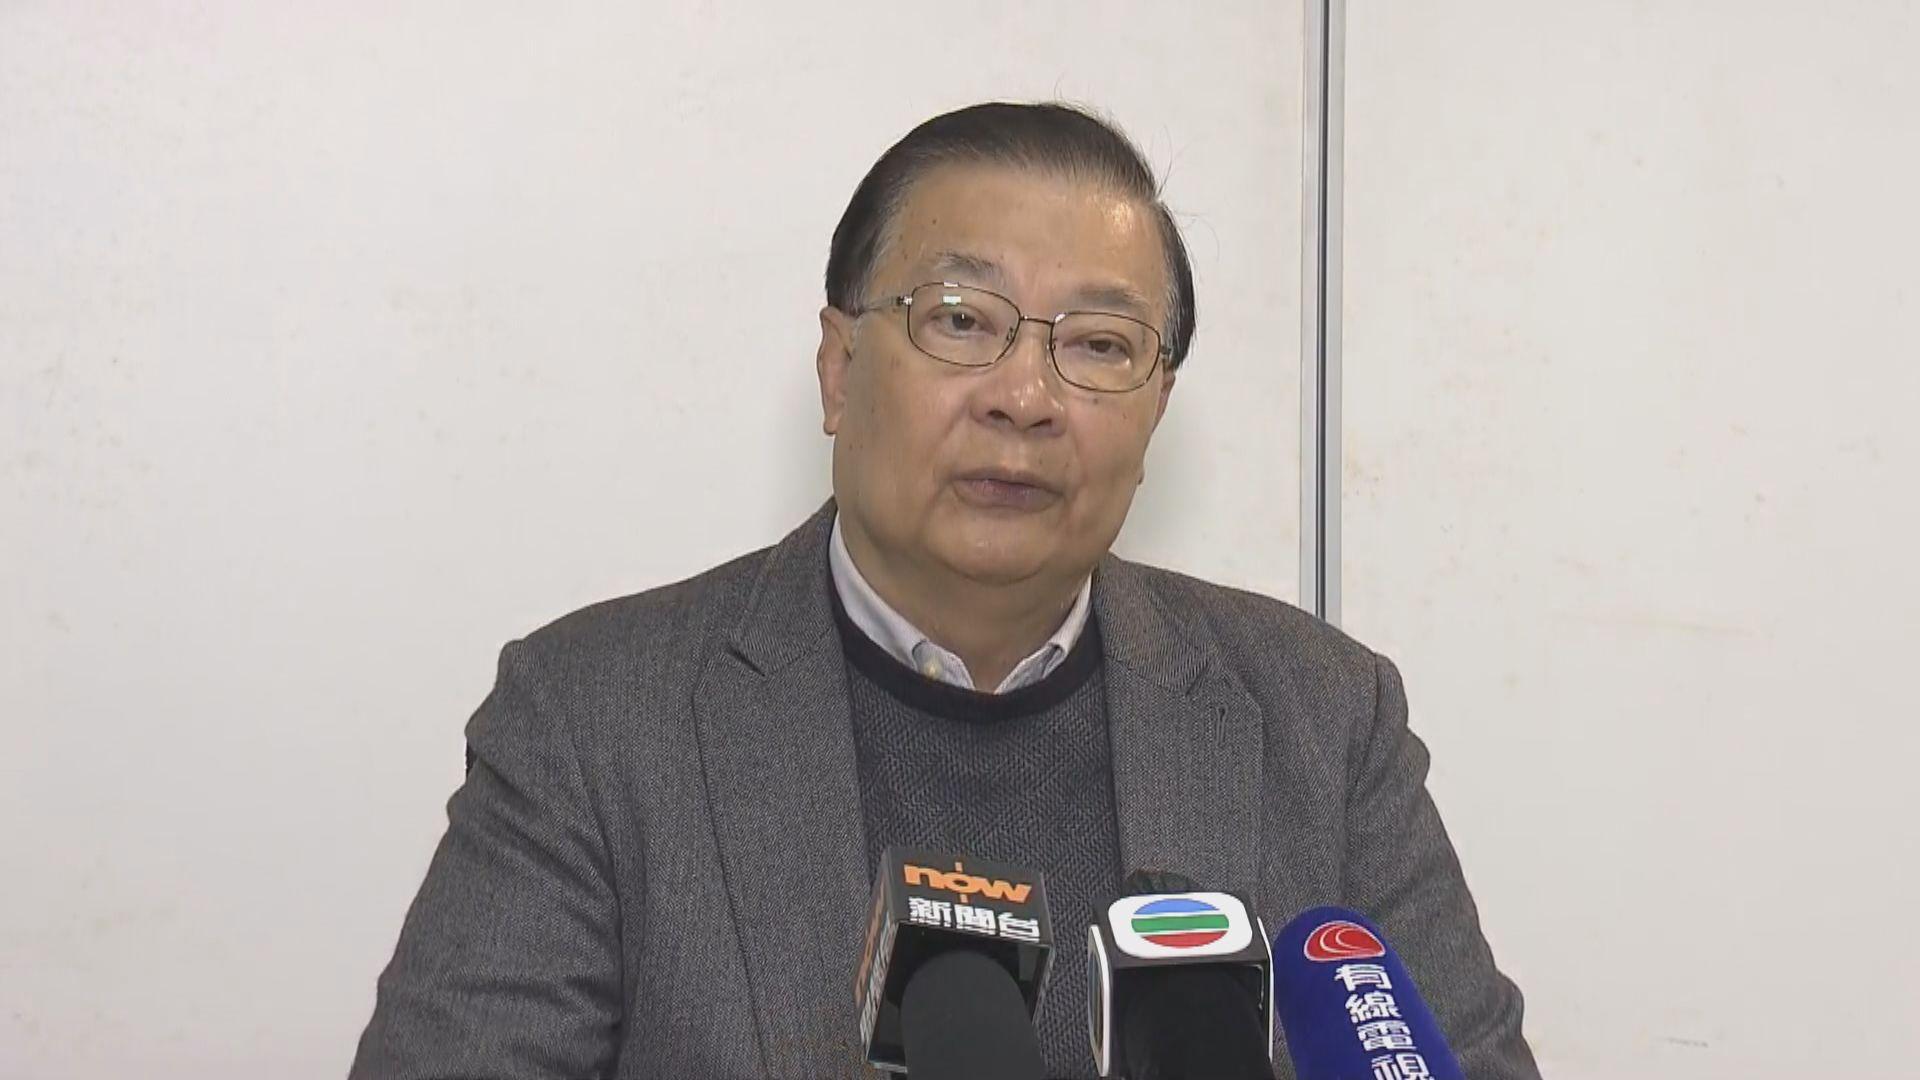 譚耀宗:張曉明行政級別無改變並非降職